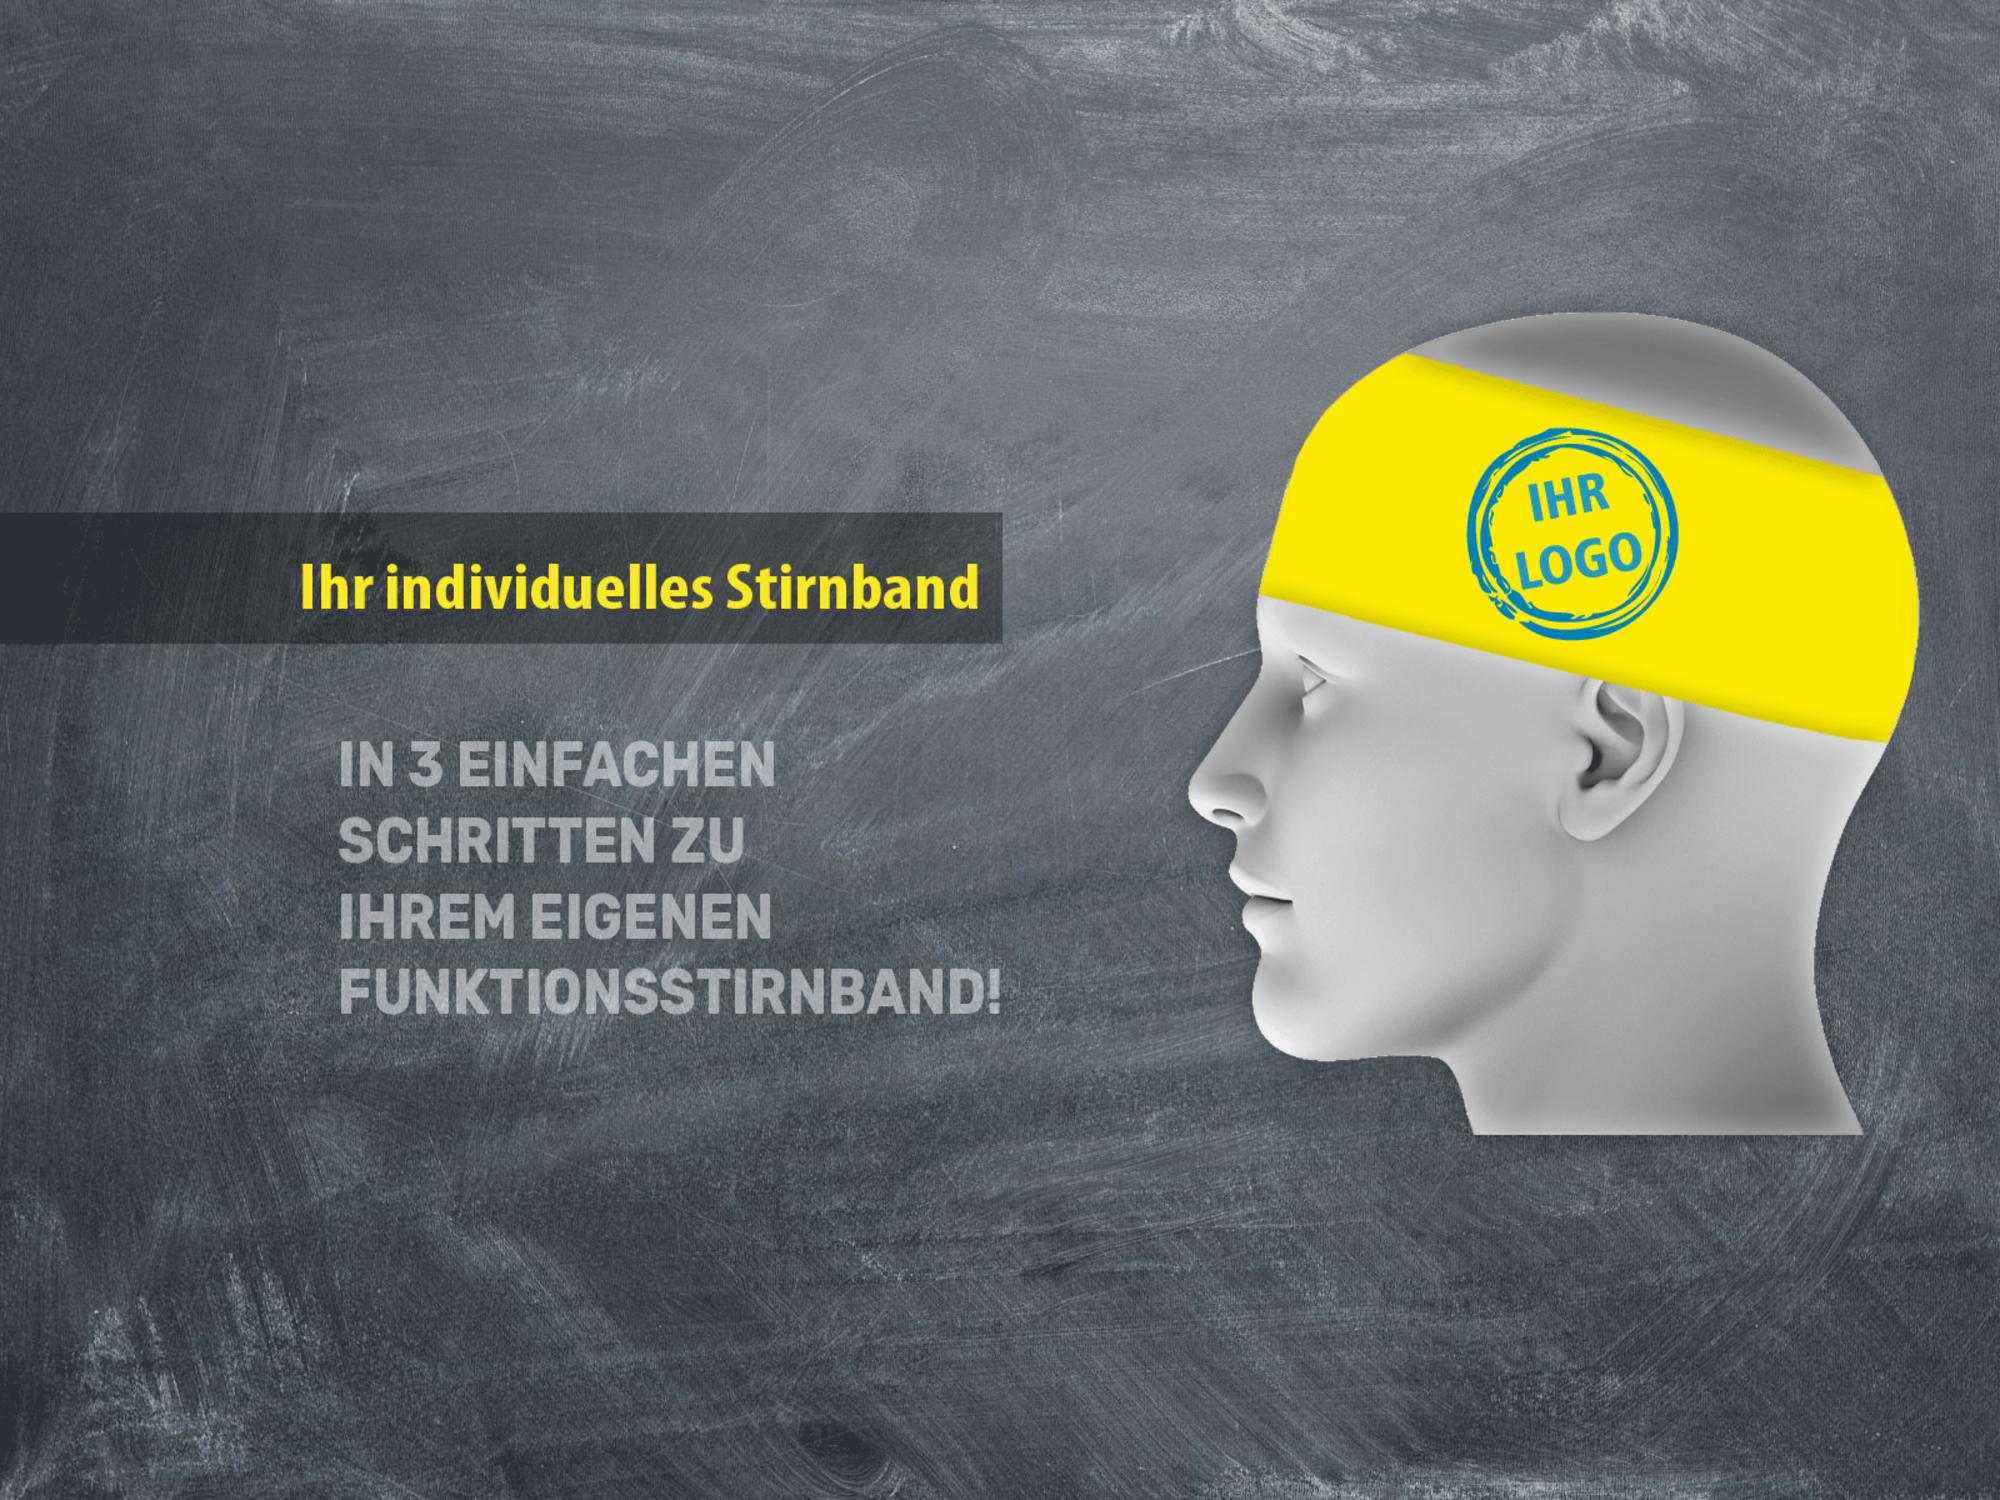 Funktionsstirnband mit Logo- Schlauchtuch mit Logo